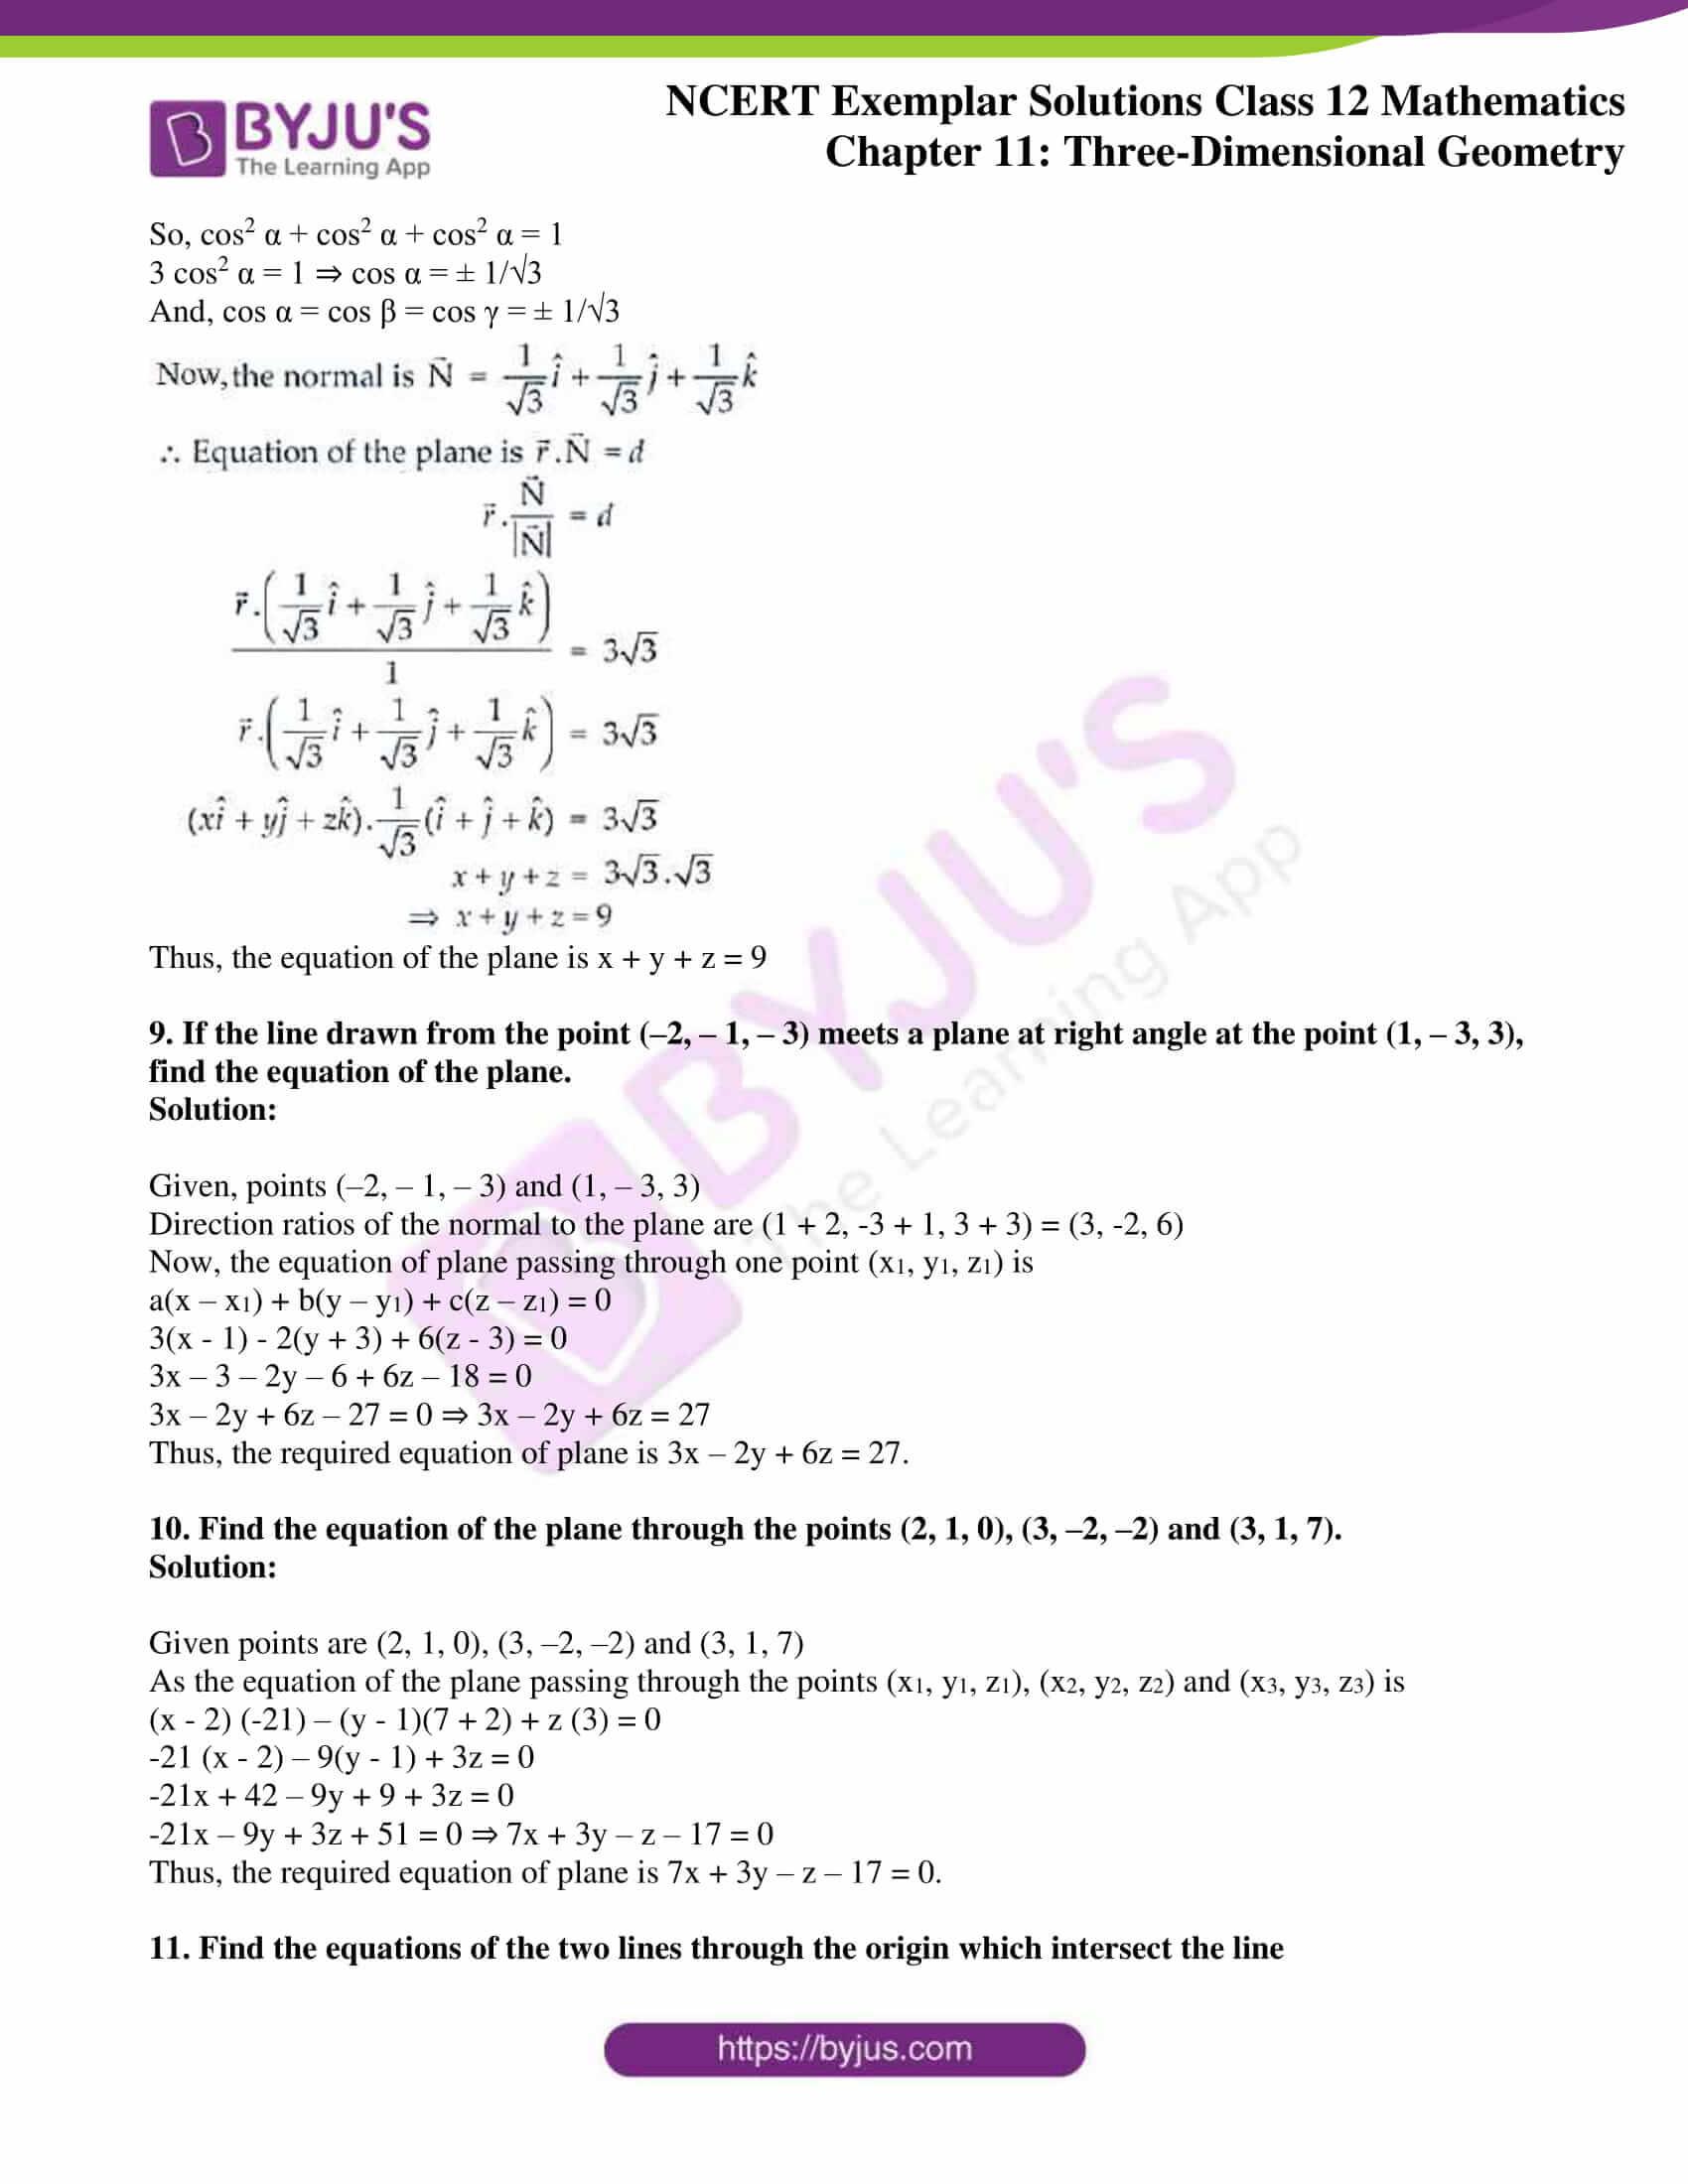 ncert exemplar sol class 12 mathematics ch 11 05